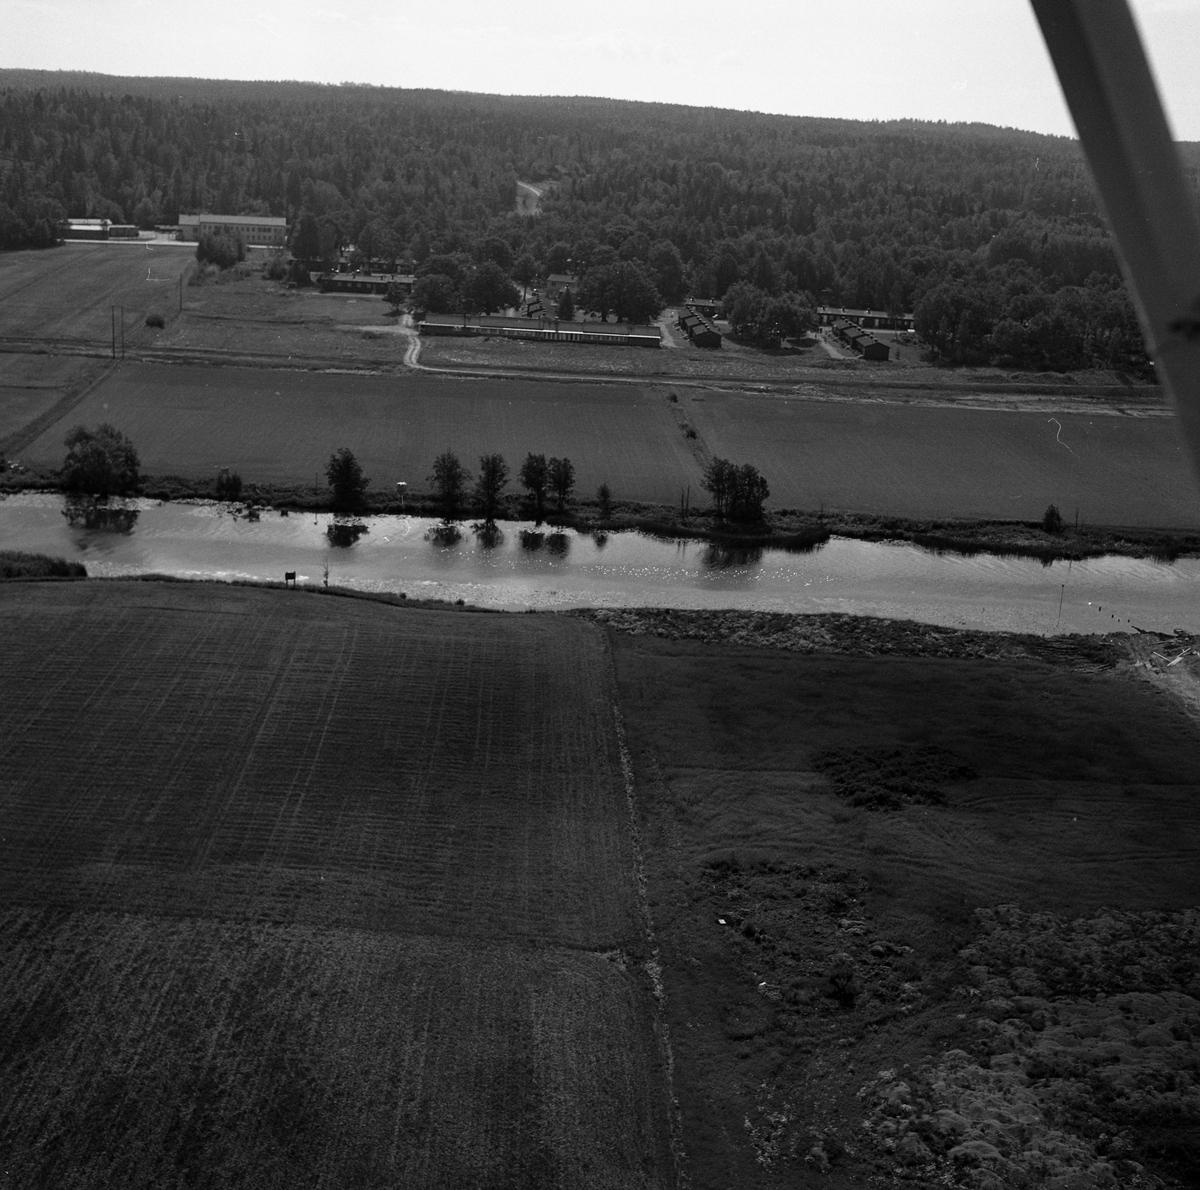 Flygfoto över Ekbacken. Elevhem och bostäder vid Ekvägen. Kungsörsvägen. Arbogaån. Vägen mot Säterbo ses i bildens övre del, i mitten.  Elevhemmet drevs av KFUM på uppdrag av CVA. Startade 1948 och lades ner 1969. Flygbild